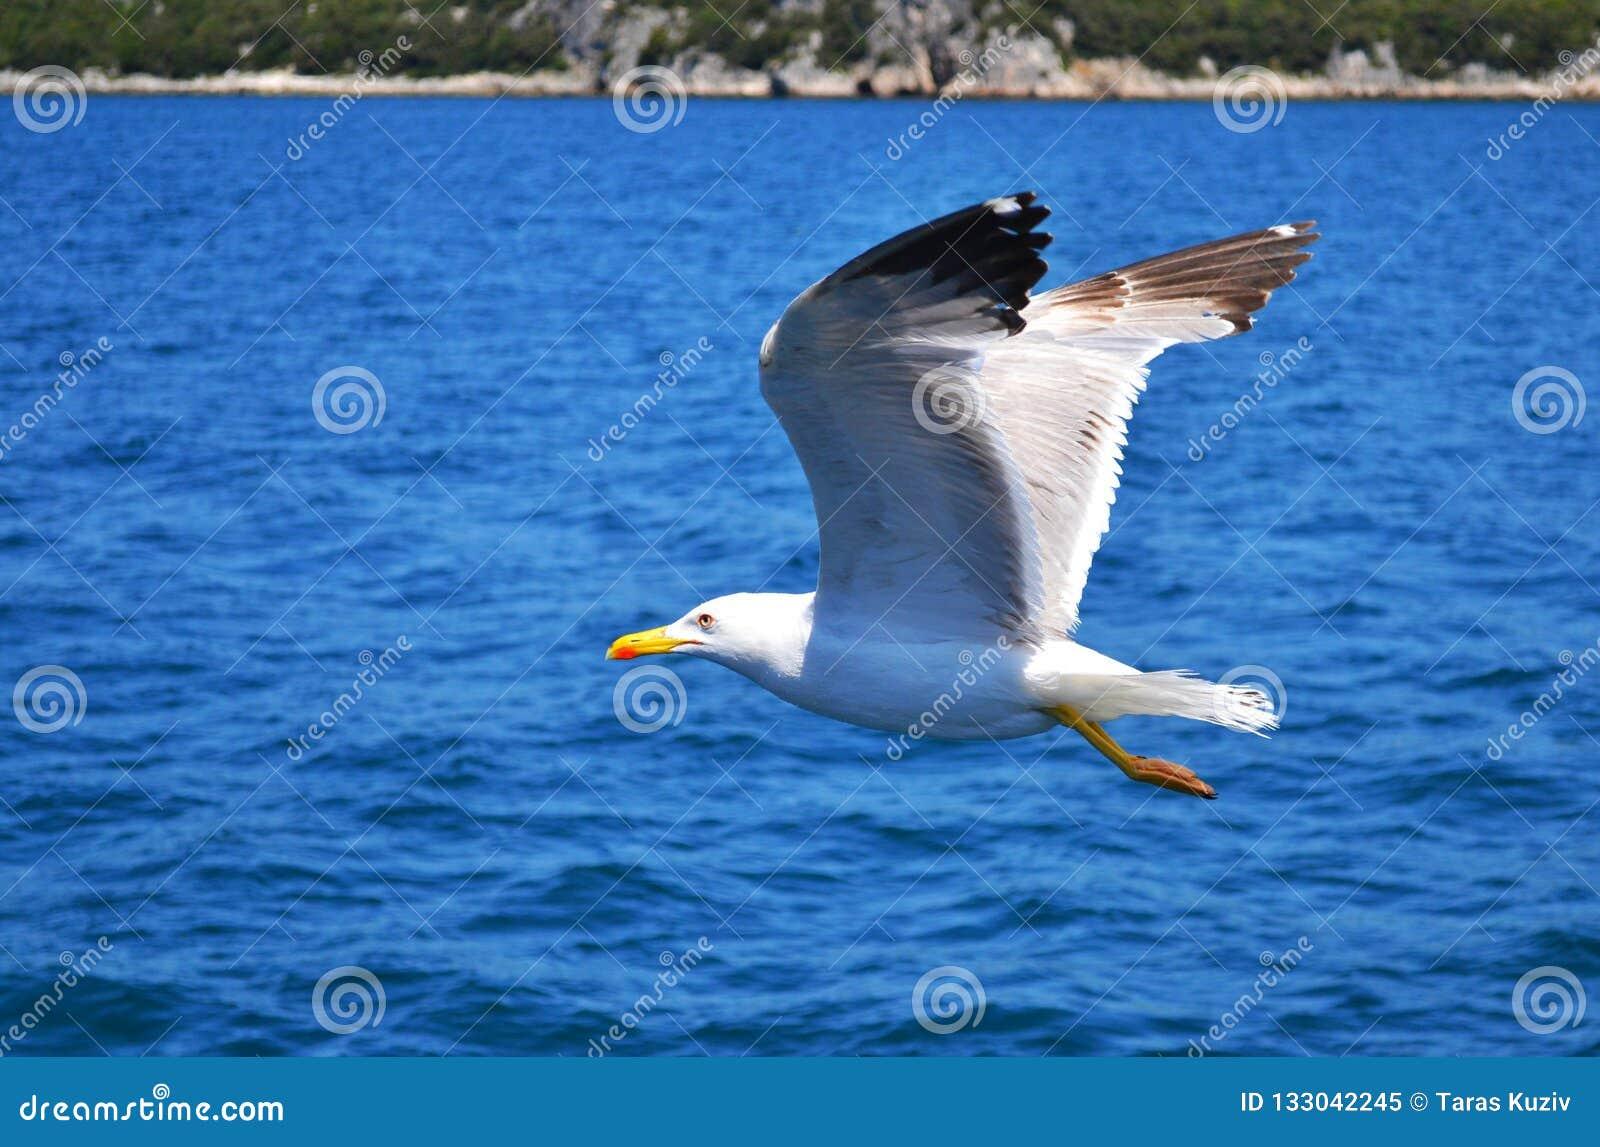 Één zeemeeuw met wijd uitgespreide vleugels vliegt laag over water